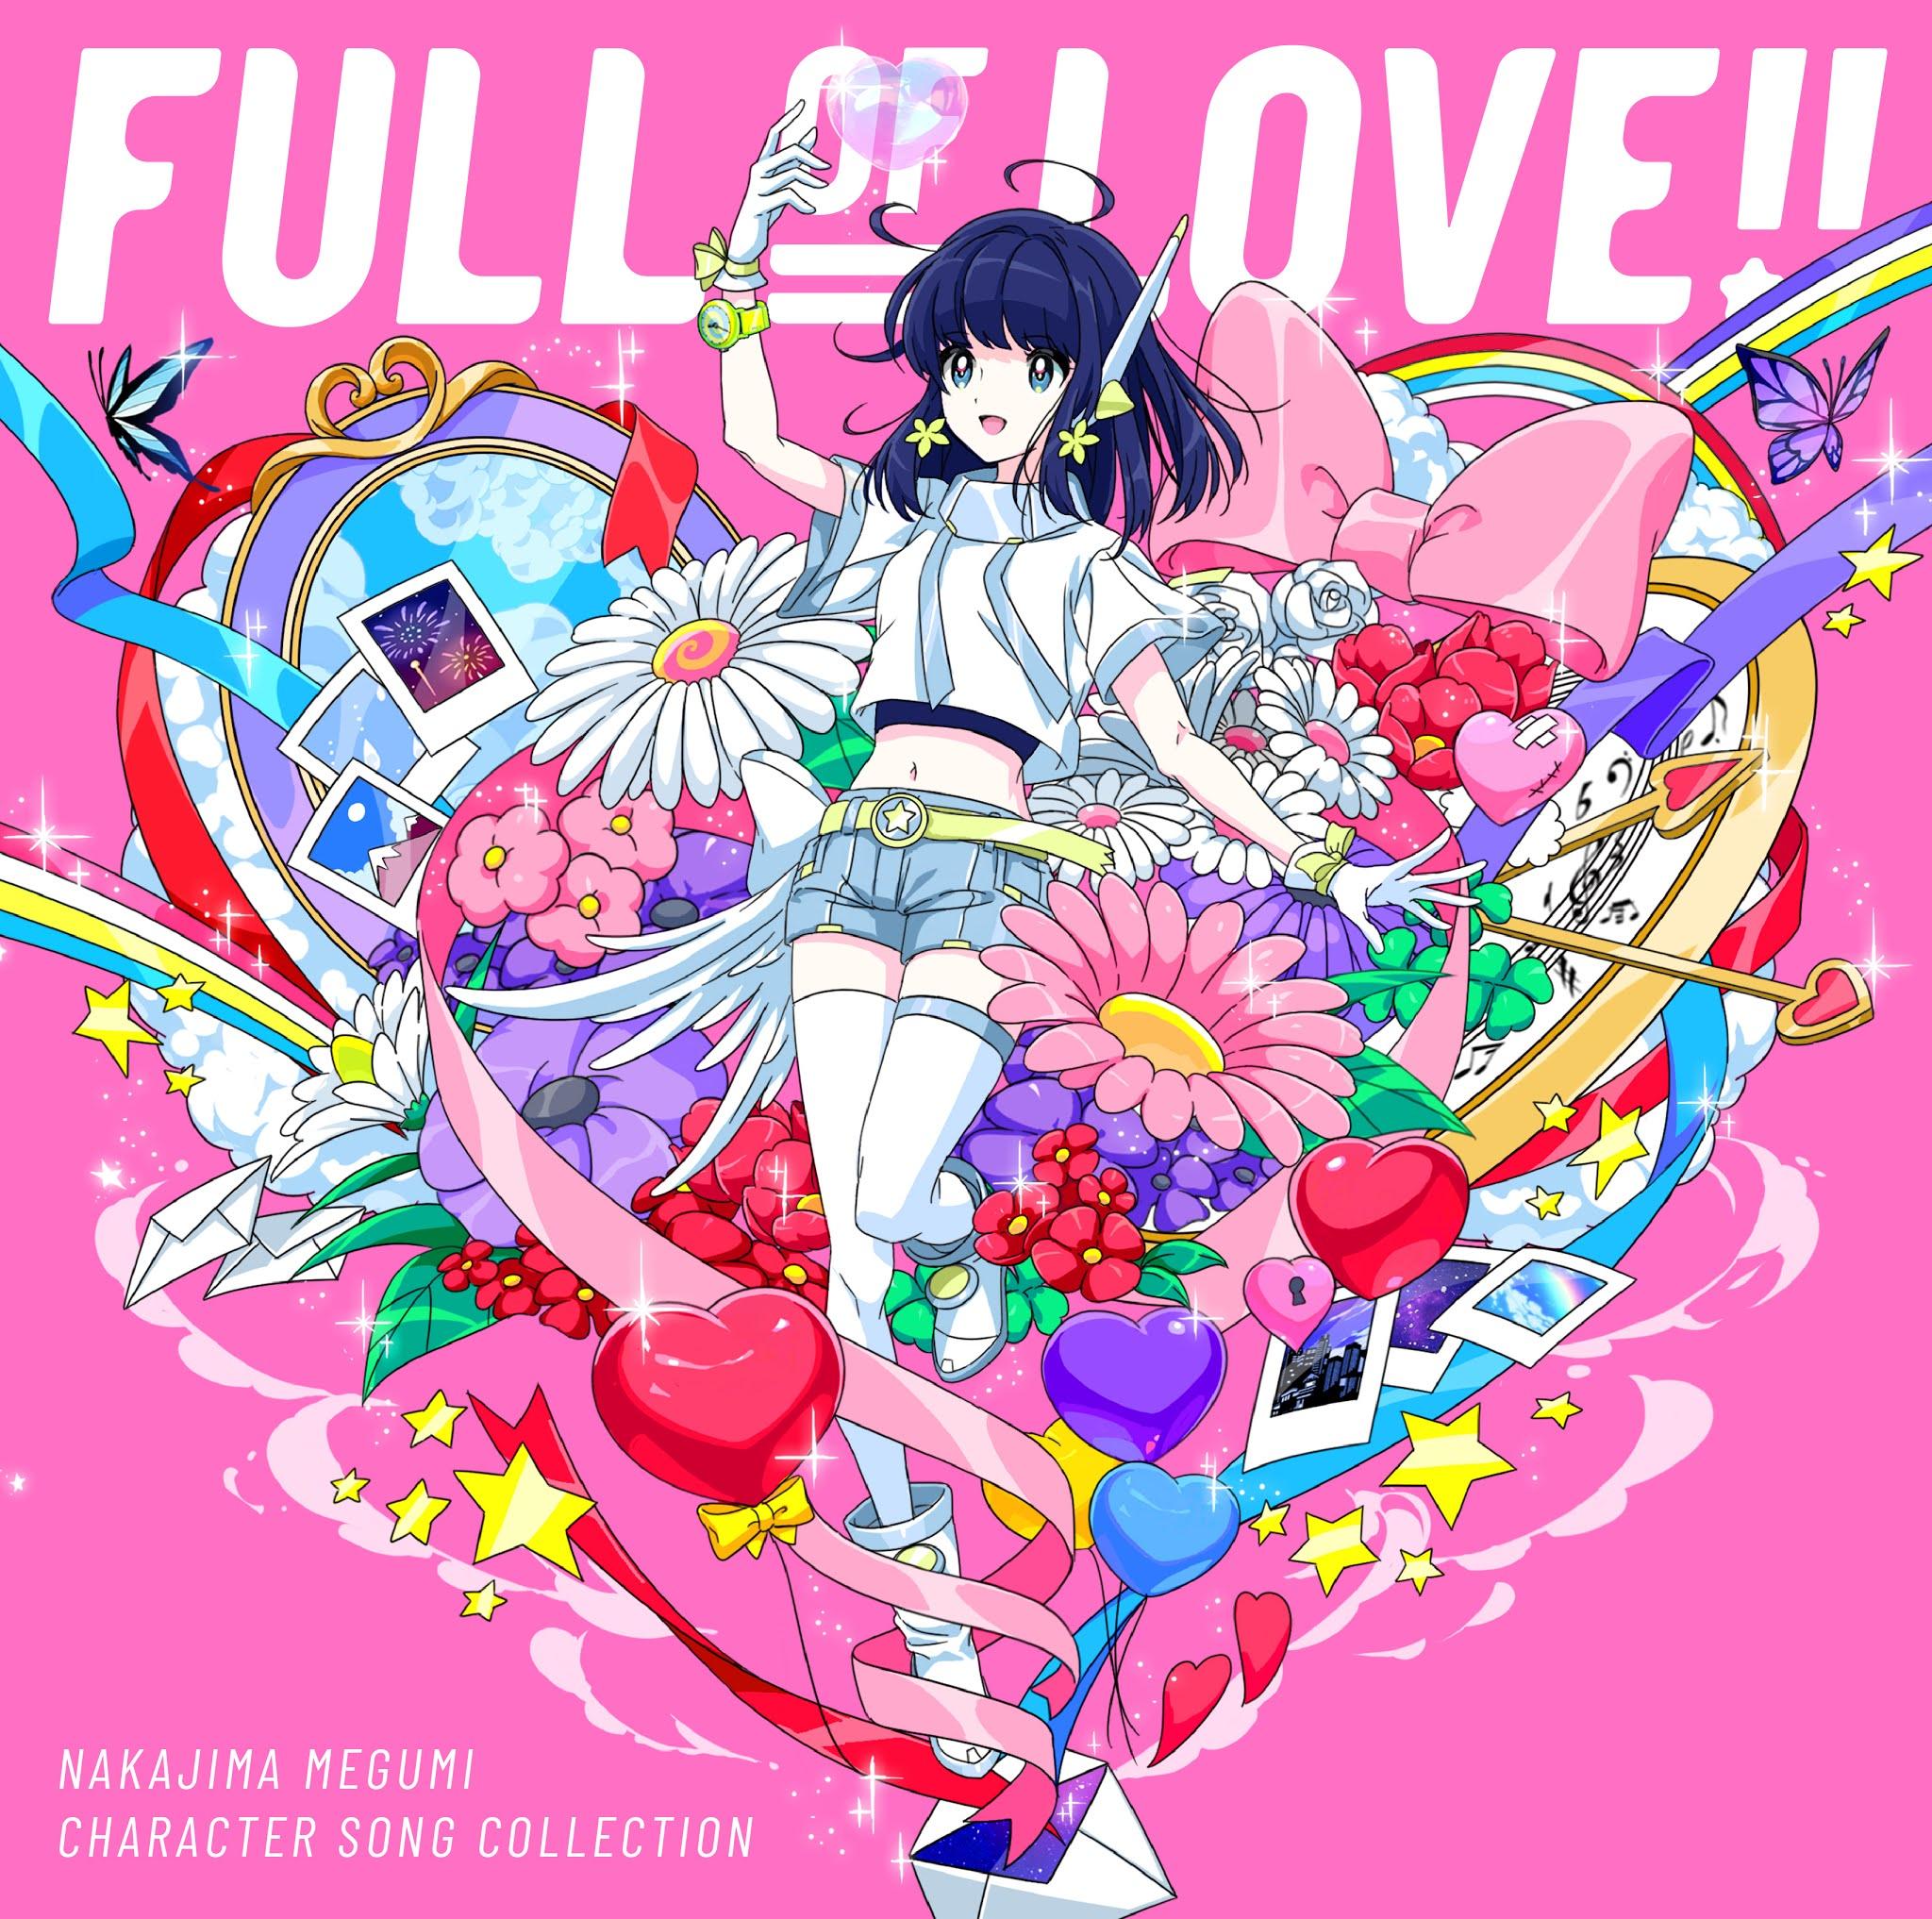 中島愛 - キャラクターソング・コレクション「FULL OF LOVE!!」[2020.09.30+MP3+RAR]